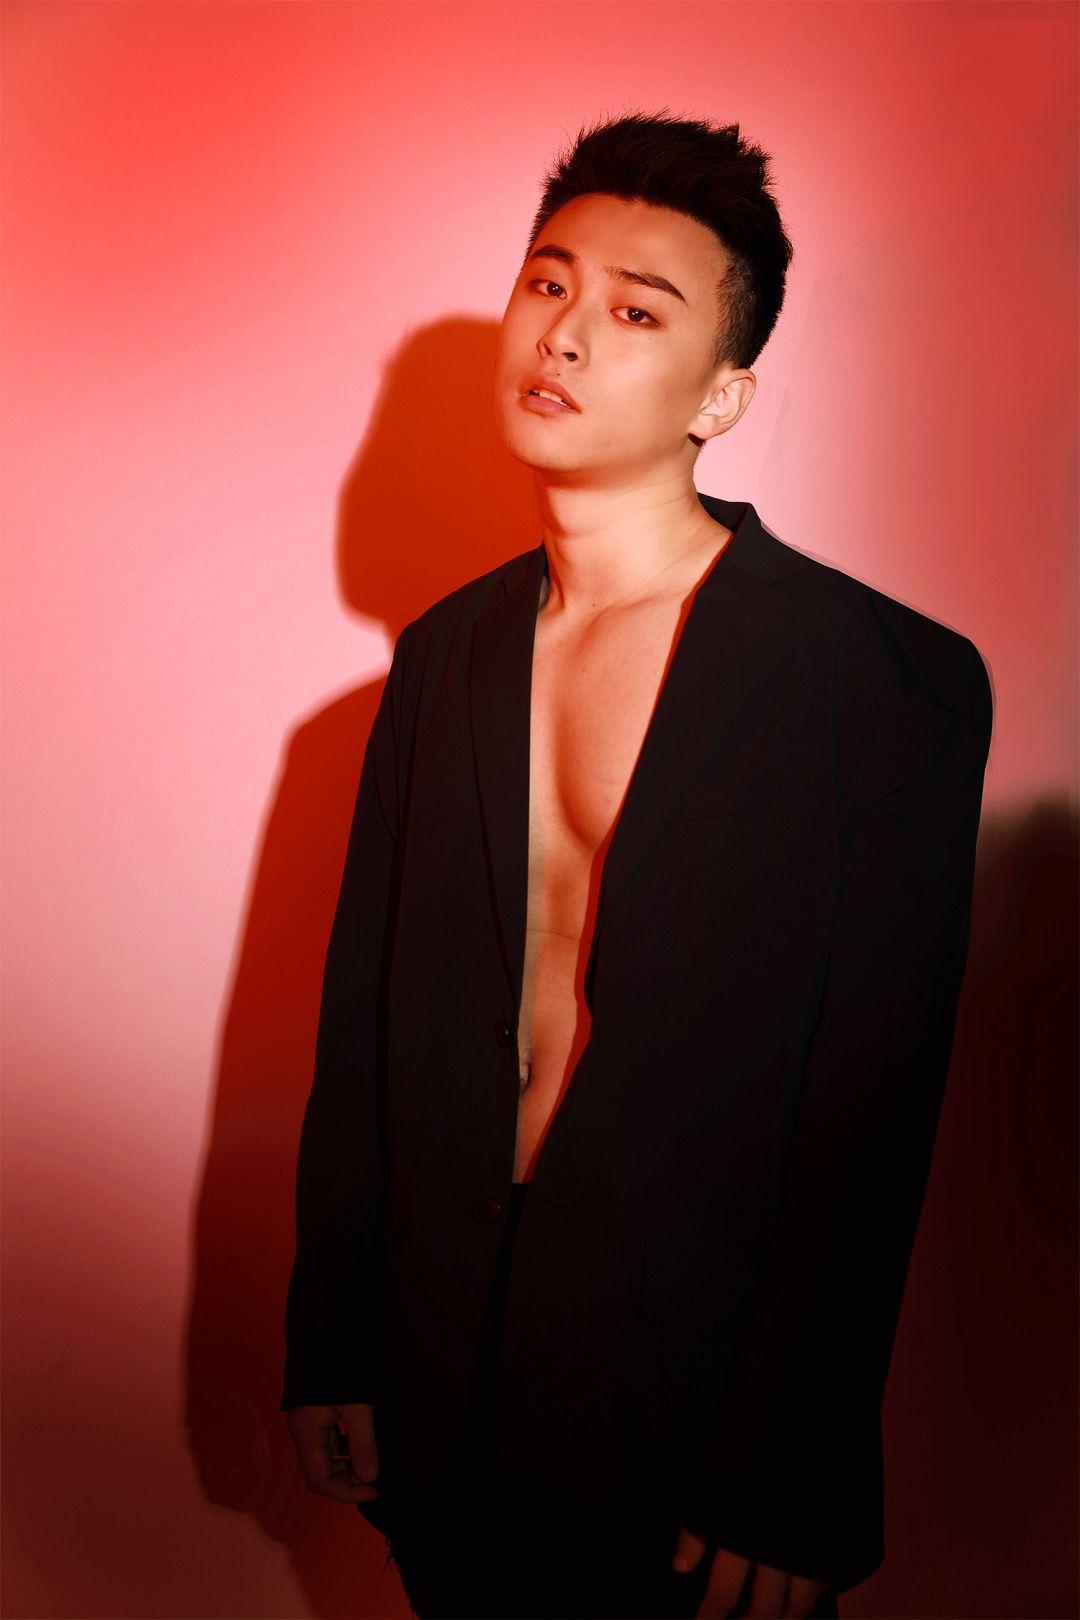 我们模仿韩国衣服男团穿性感,眼睛.太辣性感了结果图片熊猫人剧照唐嫣图片